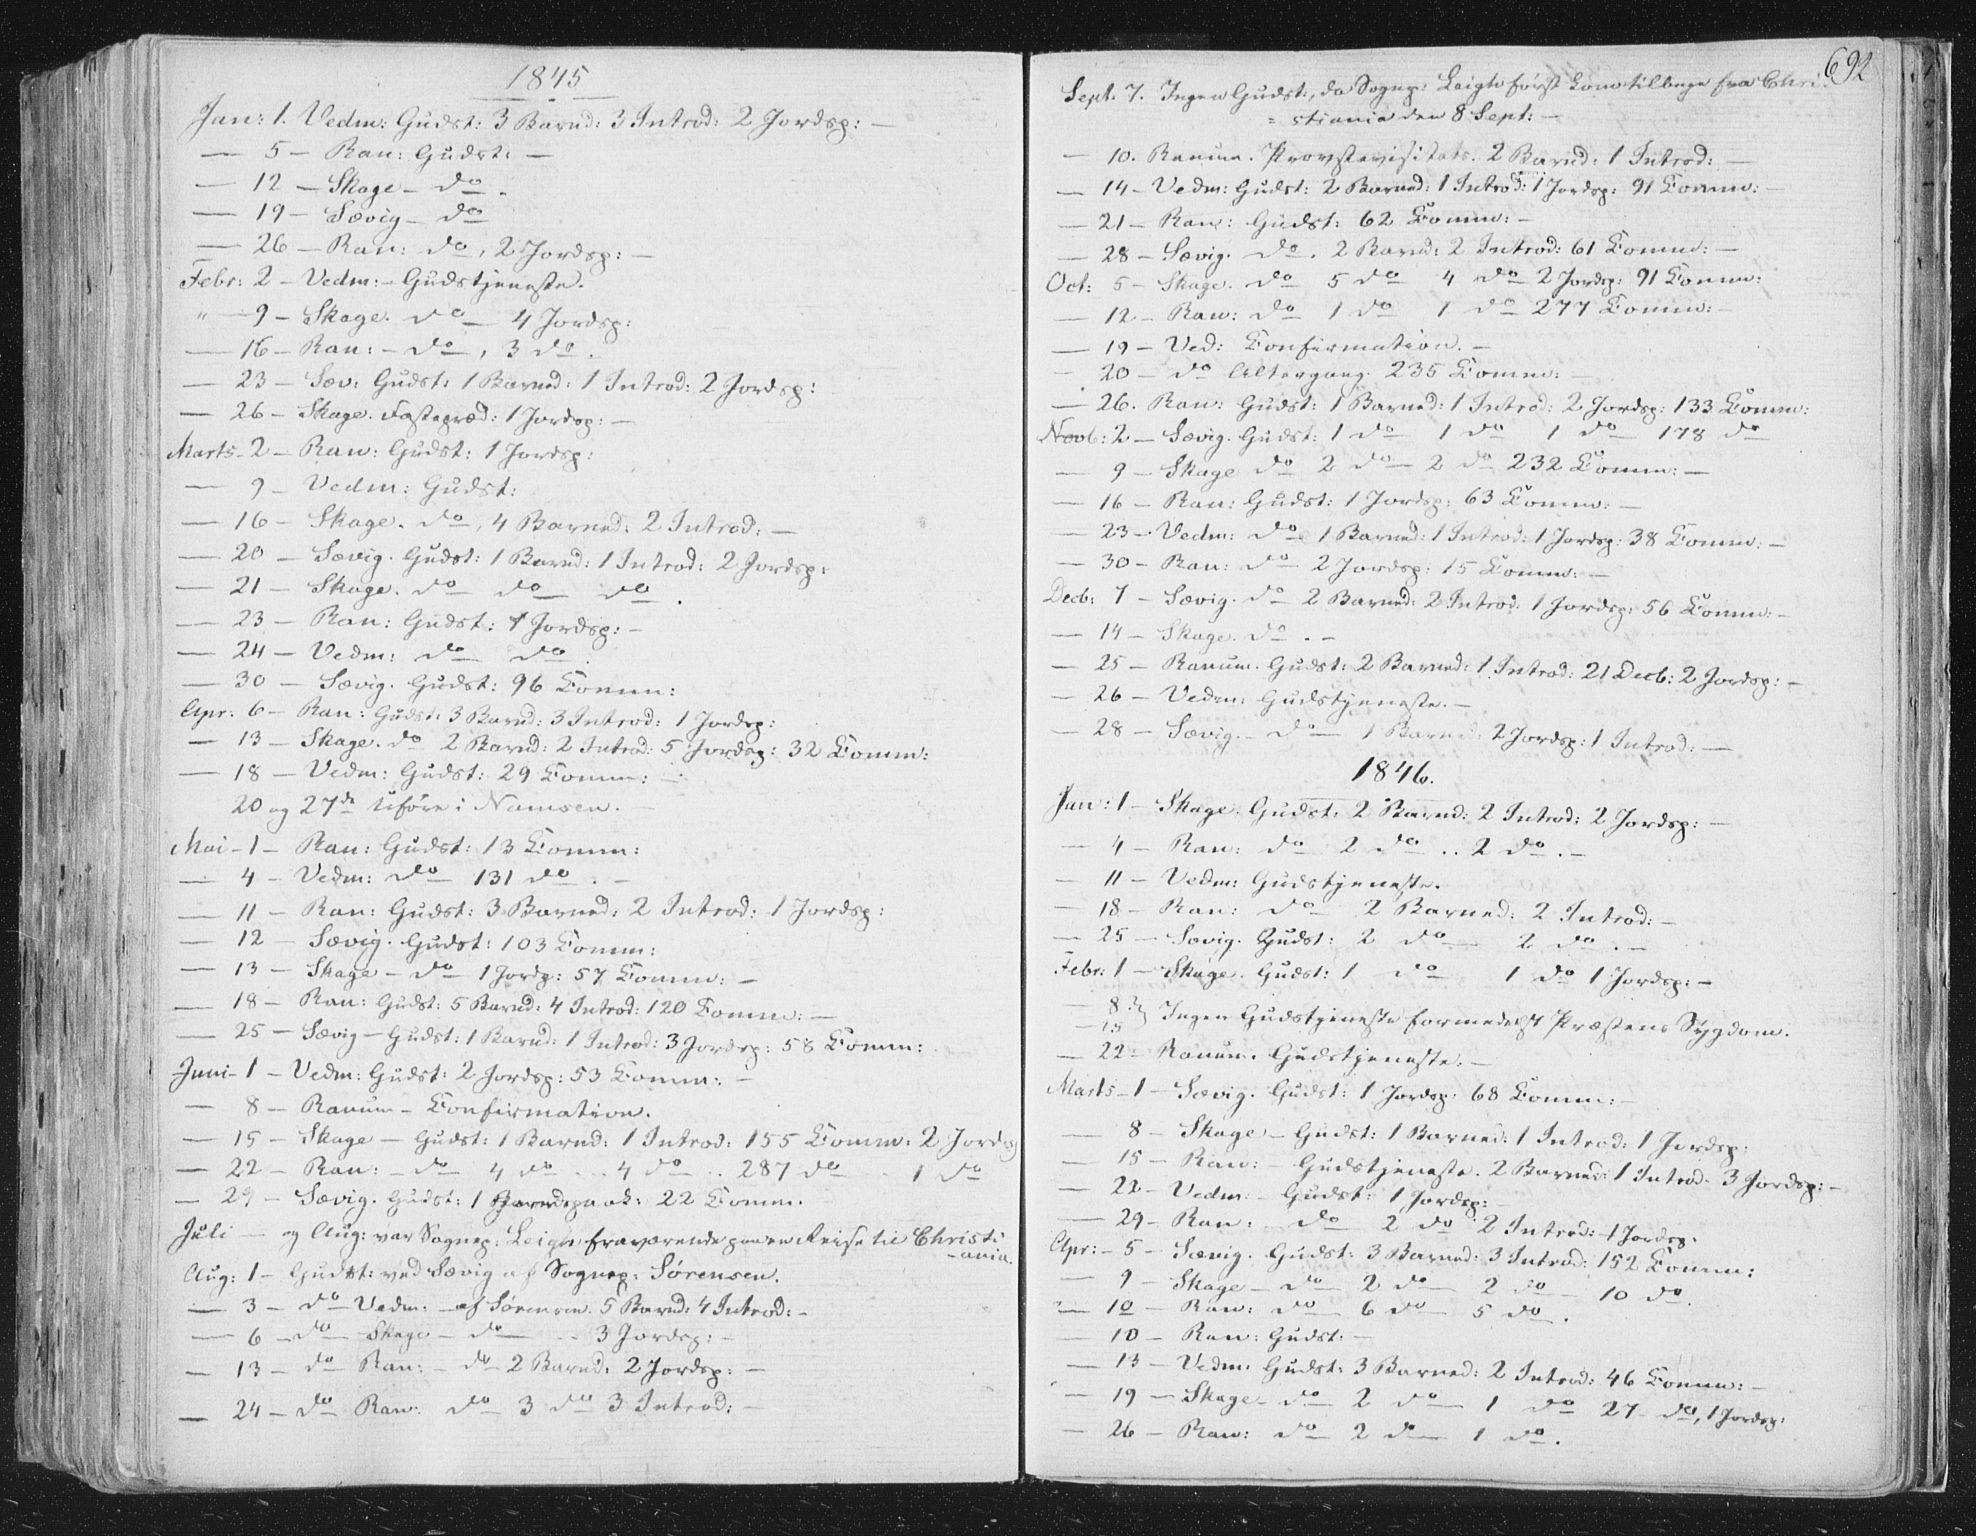 SAT, Ministerialprotokoller, klokkerbøker og fødselsregistre - Nord-Trøndelag, 764/L0552: Ministerialbok nr. 764A07b, 1824-1865, s. 692